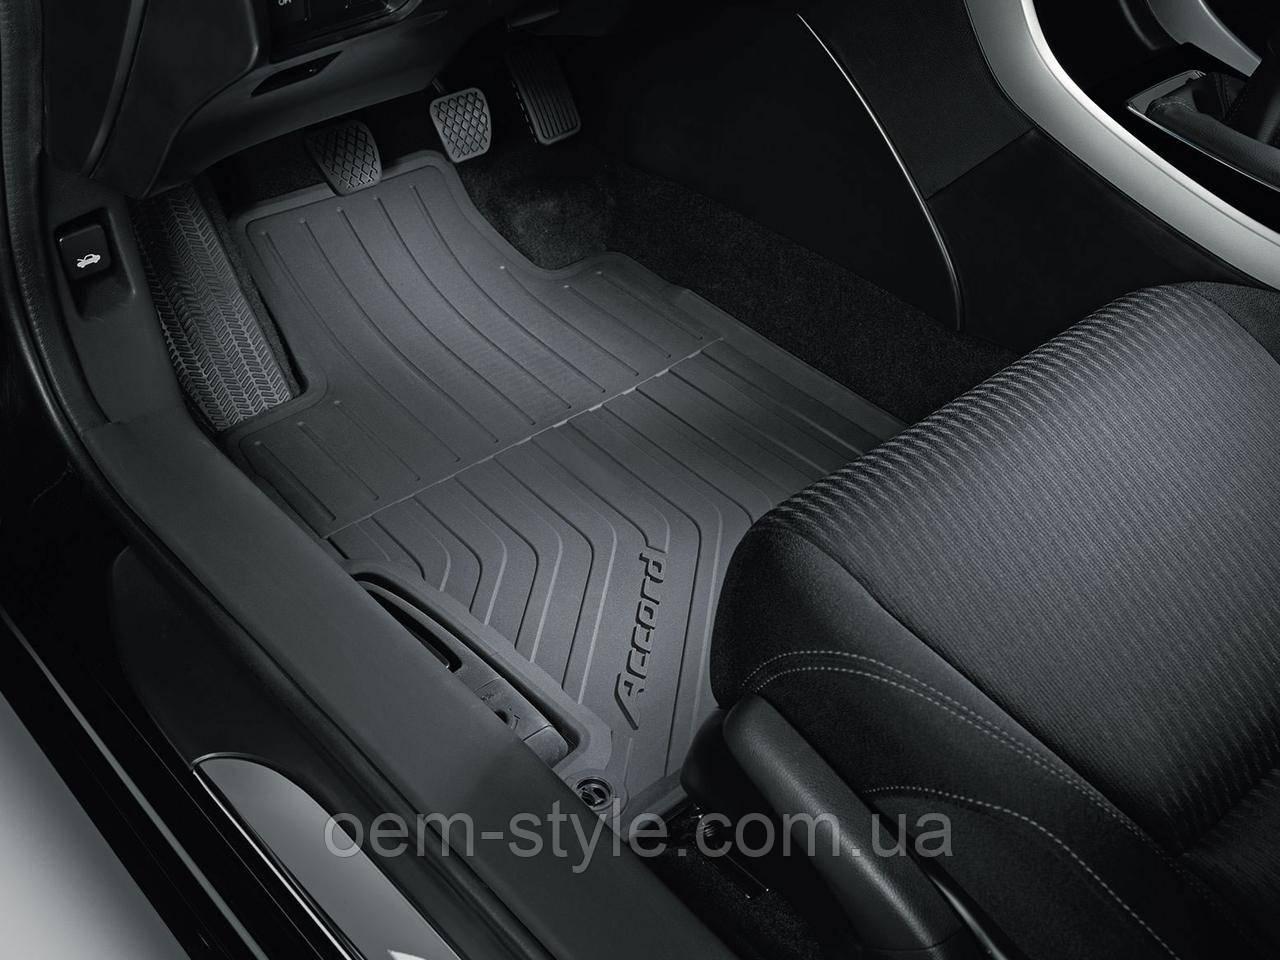 Резиновые коврики Honda Accord CR 2013-2016